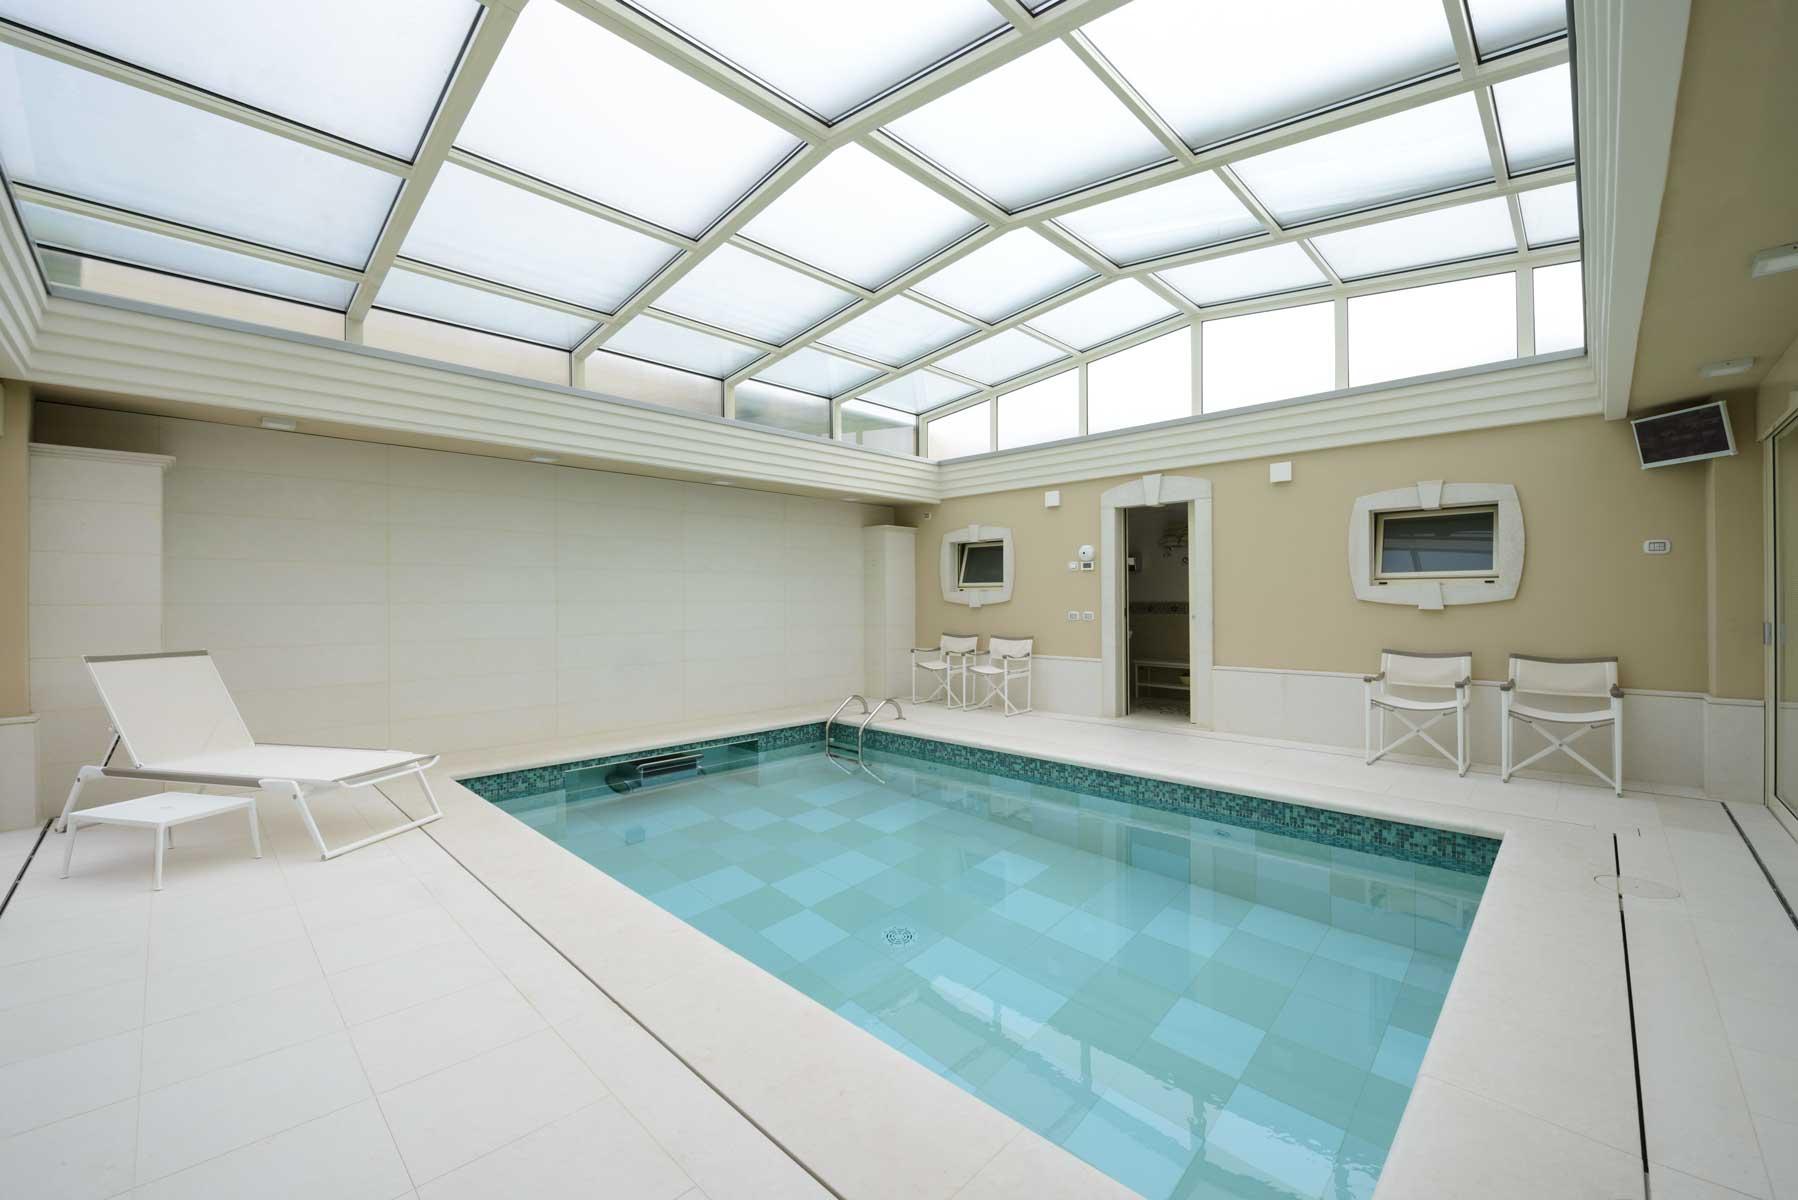 biely kamenný obklad bazénu